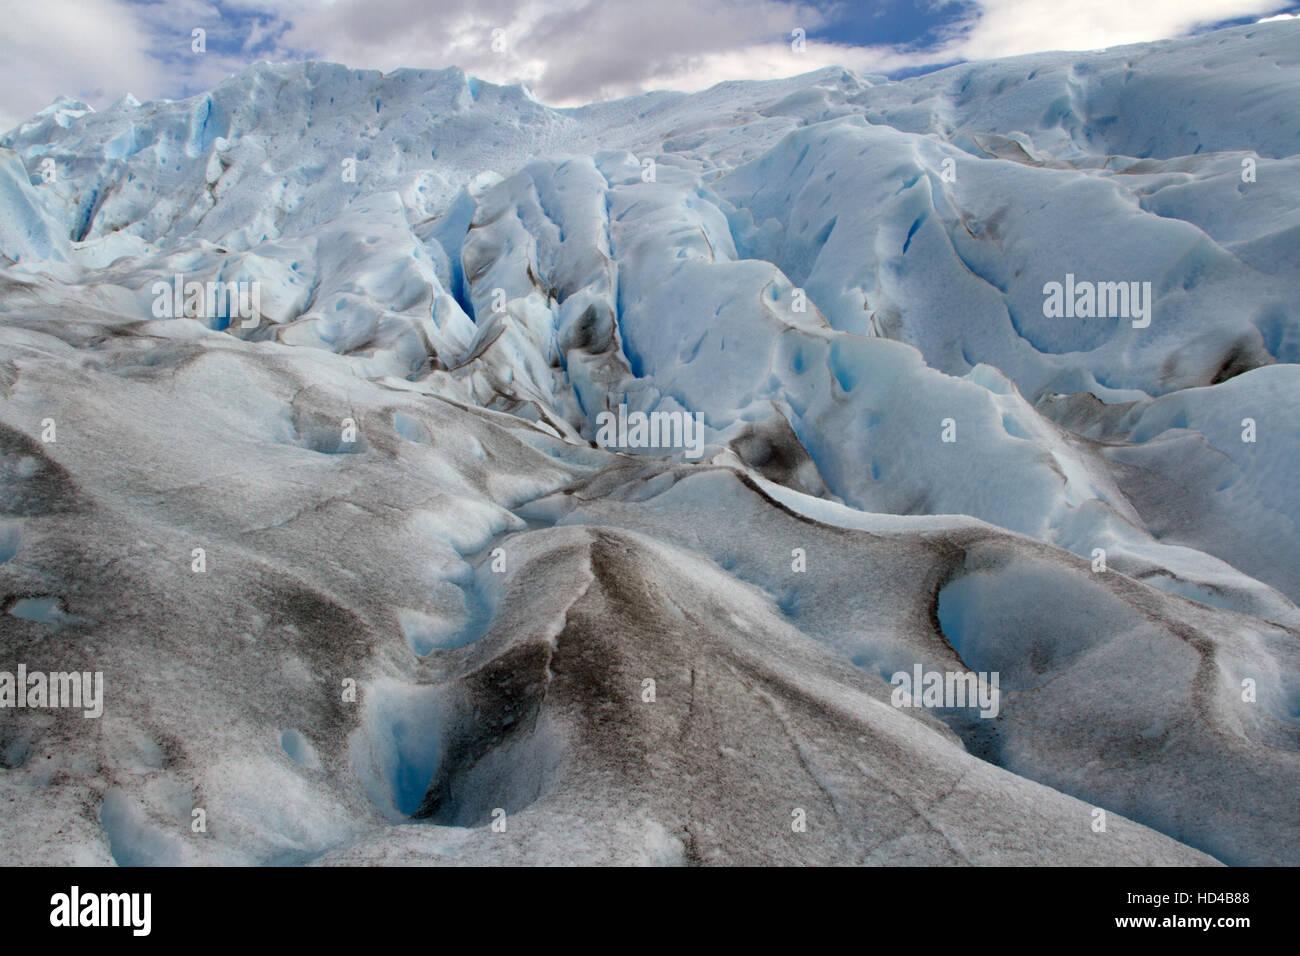 El Calafate, arg, 06.12.2016: glacier Perito Moreno argentin situé dans le parc national Los Glaciares, Photo Stock